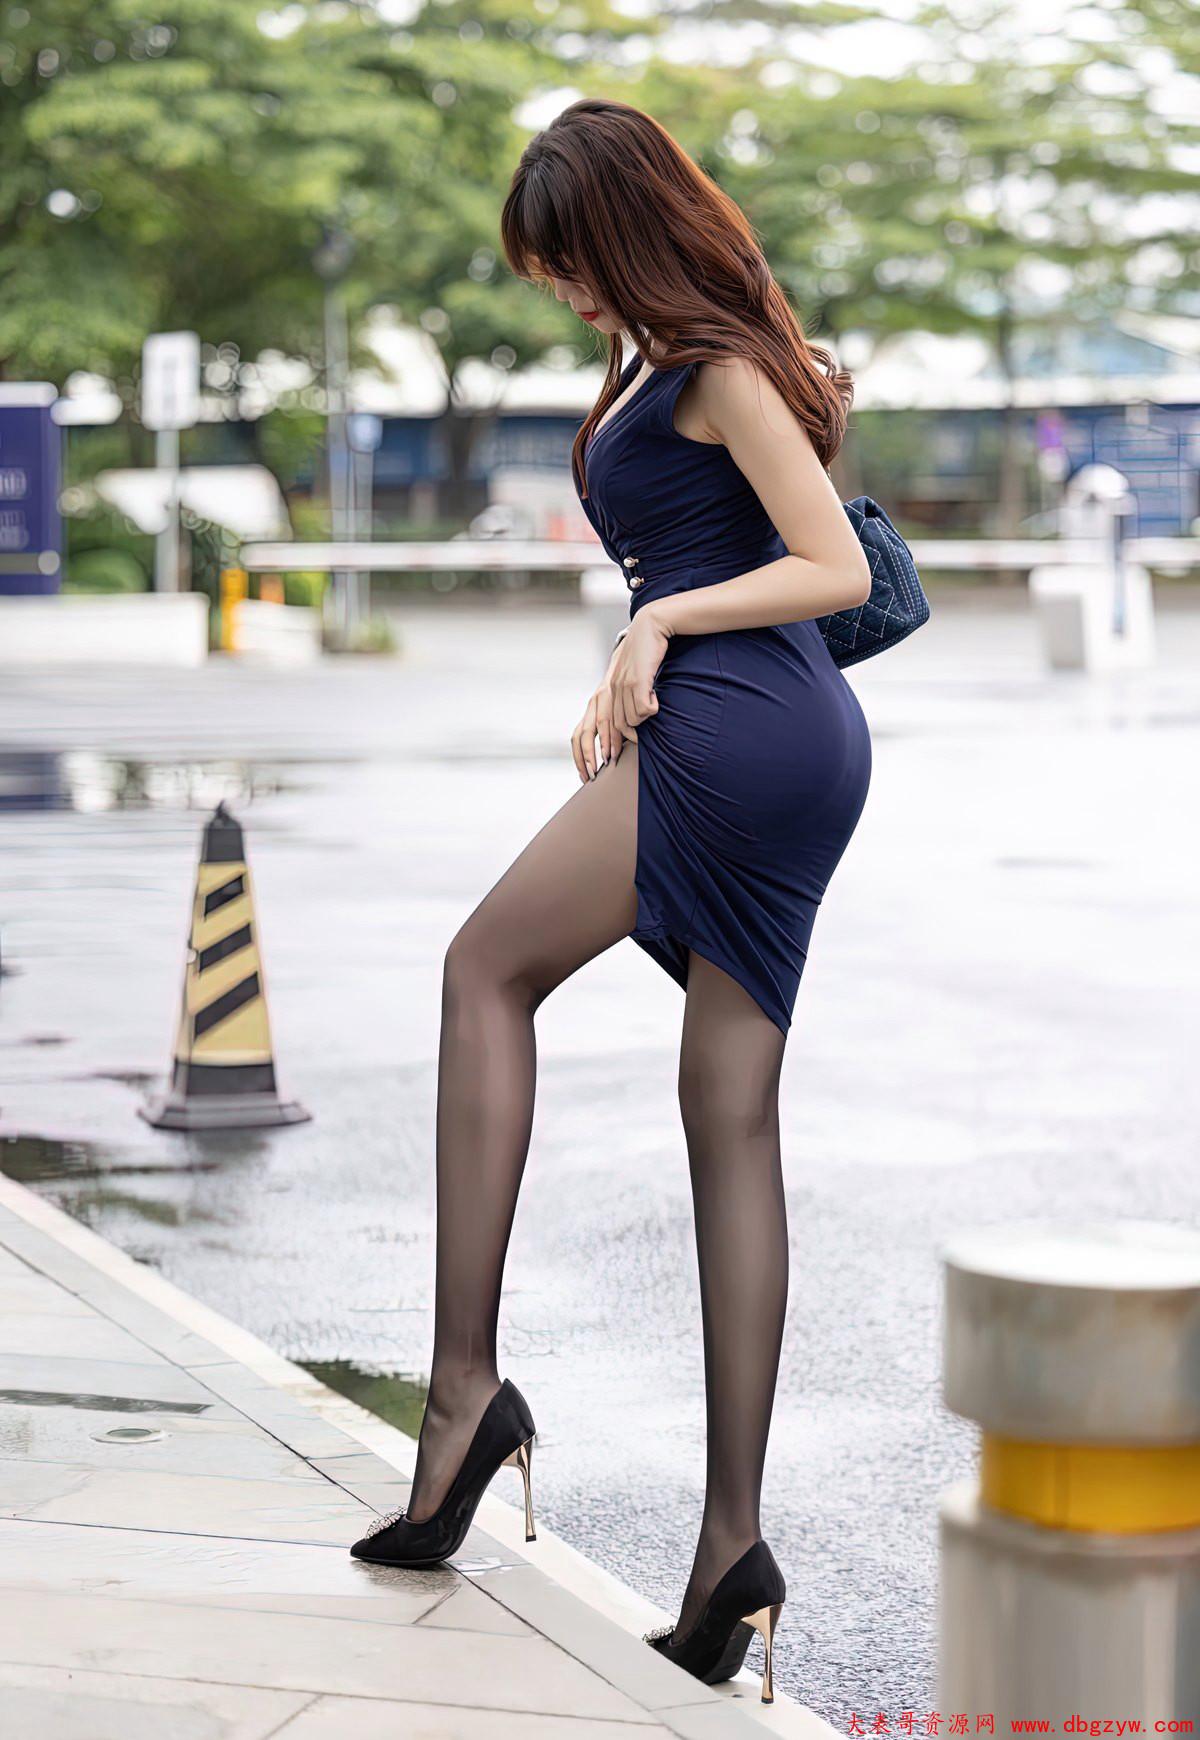 完美黑丝袜高跟性感巨乳风骚少妇丁字裤高清套图